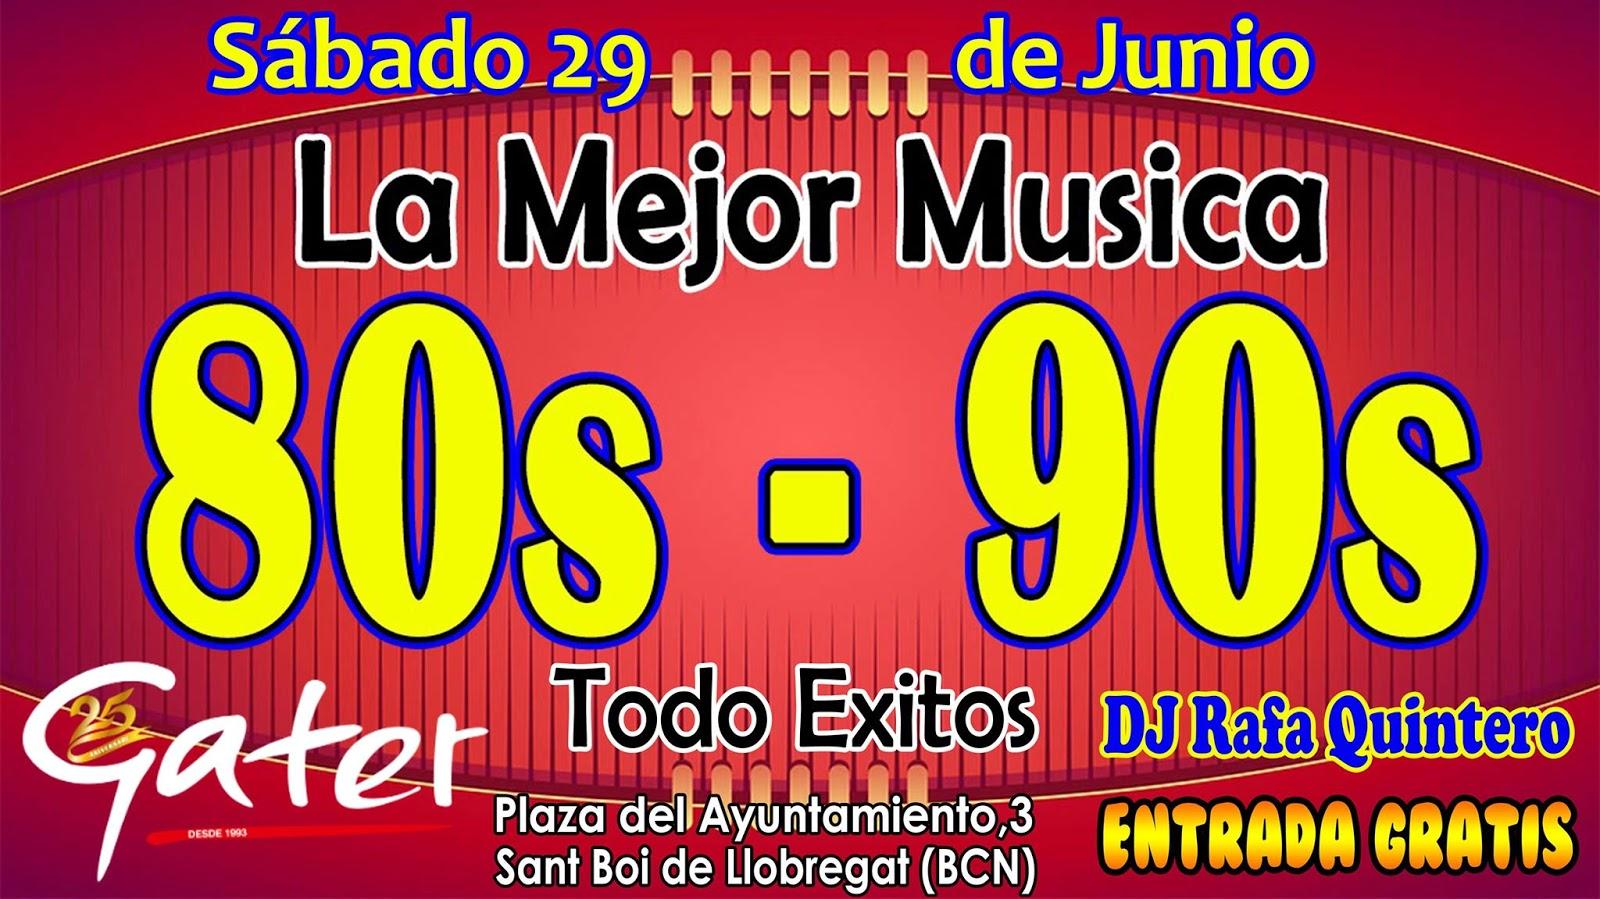 Flyer La Mejor Musica 80s - 90s Todo Exitos